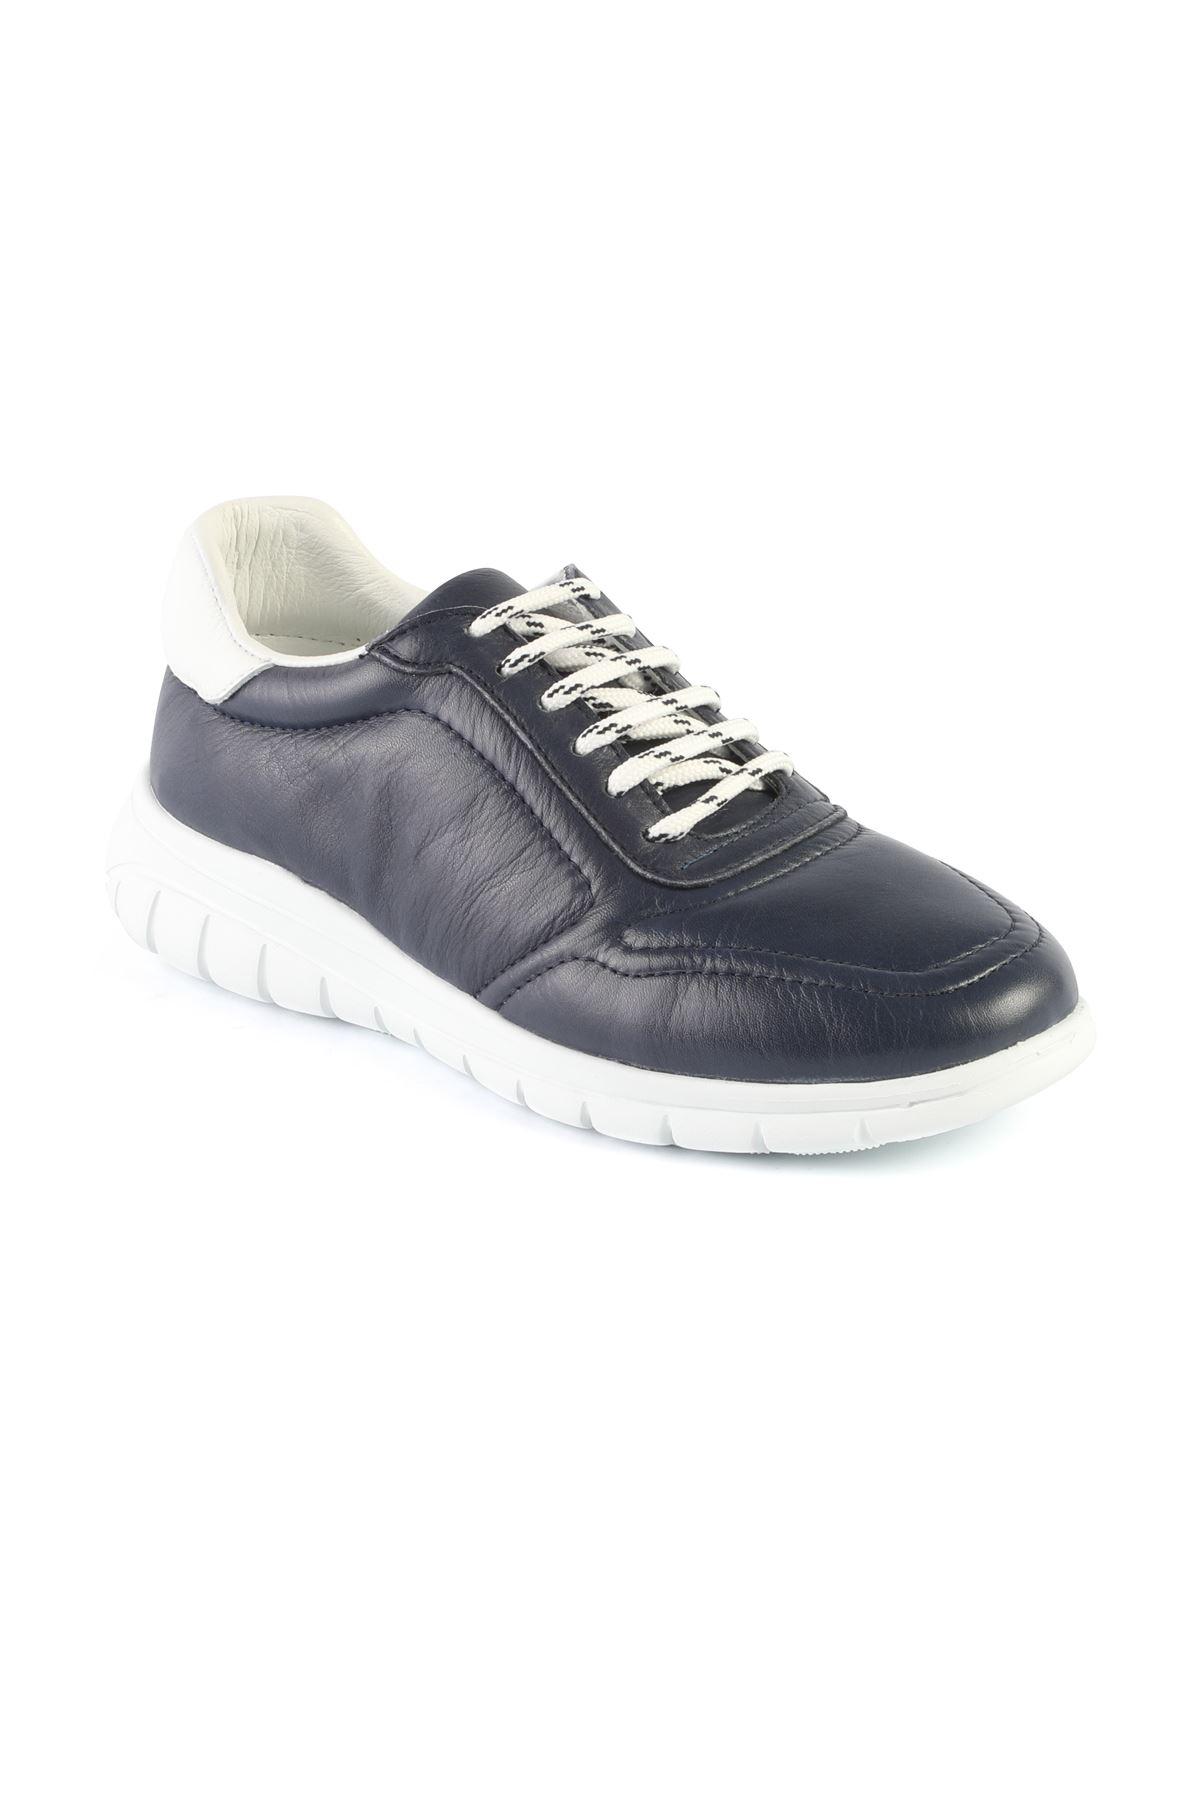 Libero LZ3389 L.Beyaz Spor Ayakkabı